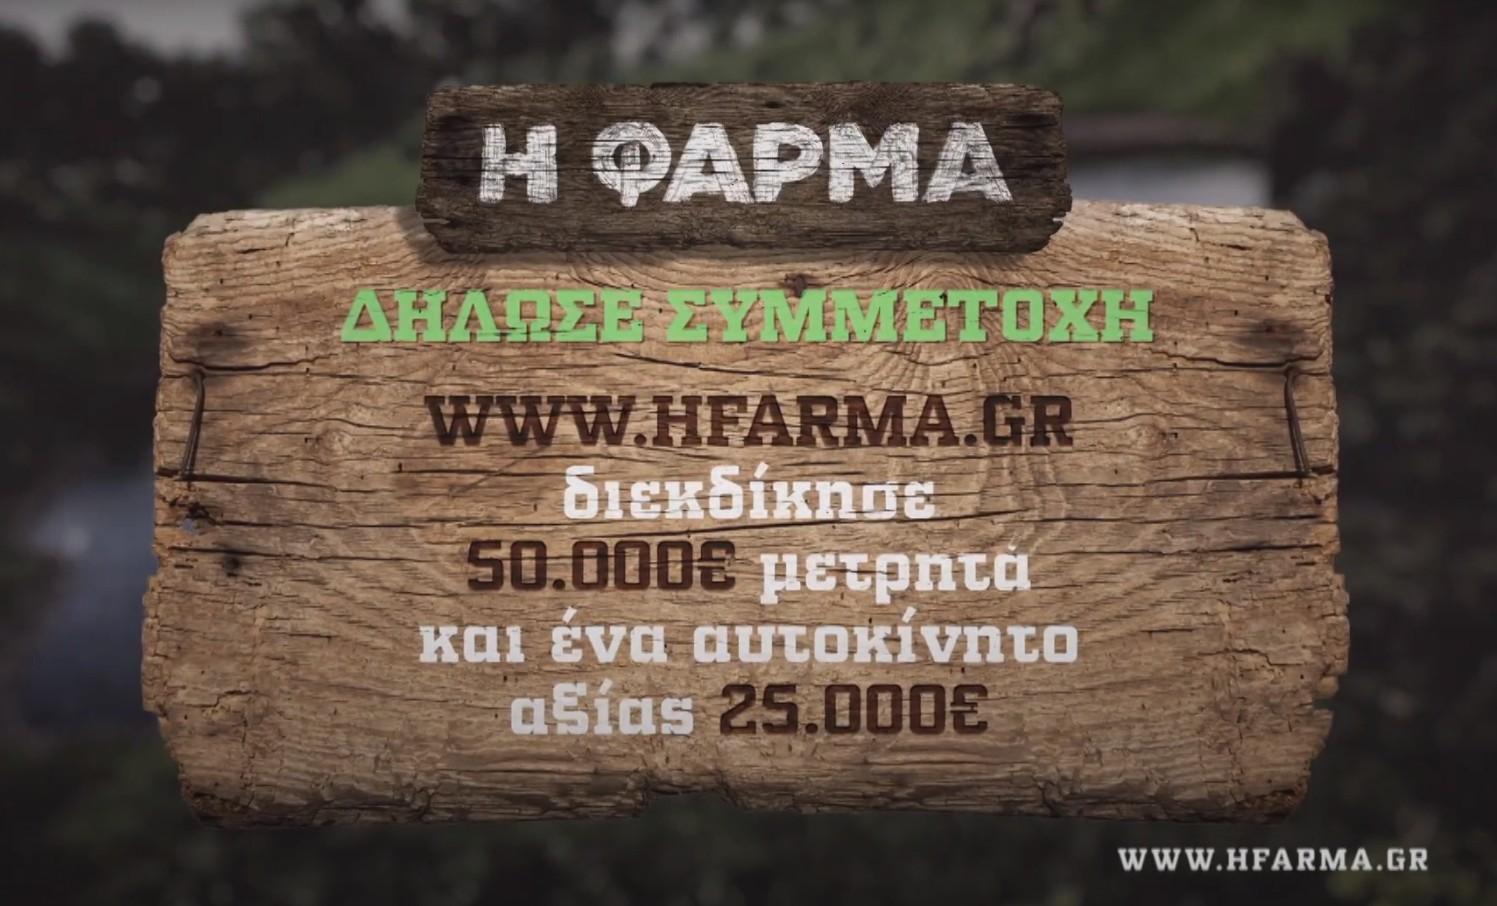 ΦΑΡΜΑ ΔΗΛΩΣΕΙΣ ΣΥΜΜΕΤΟΧΗΣ